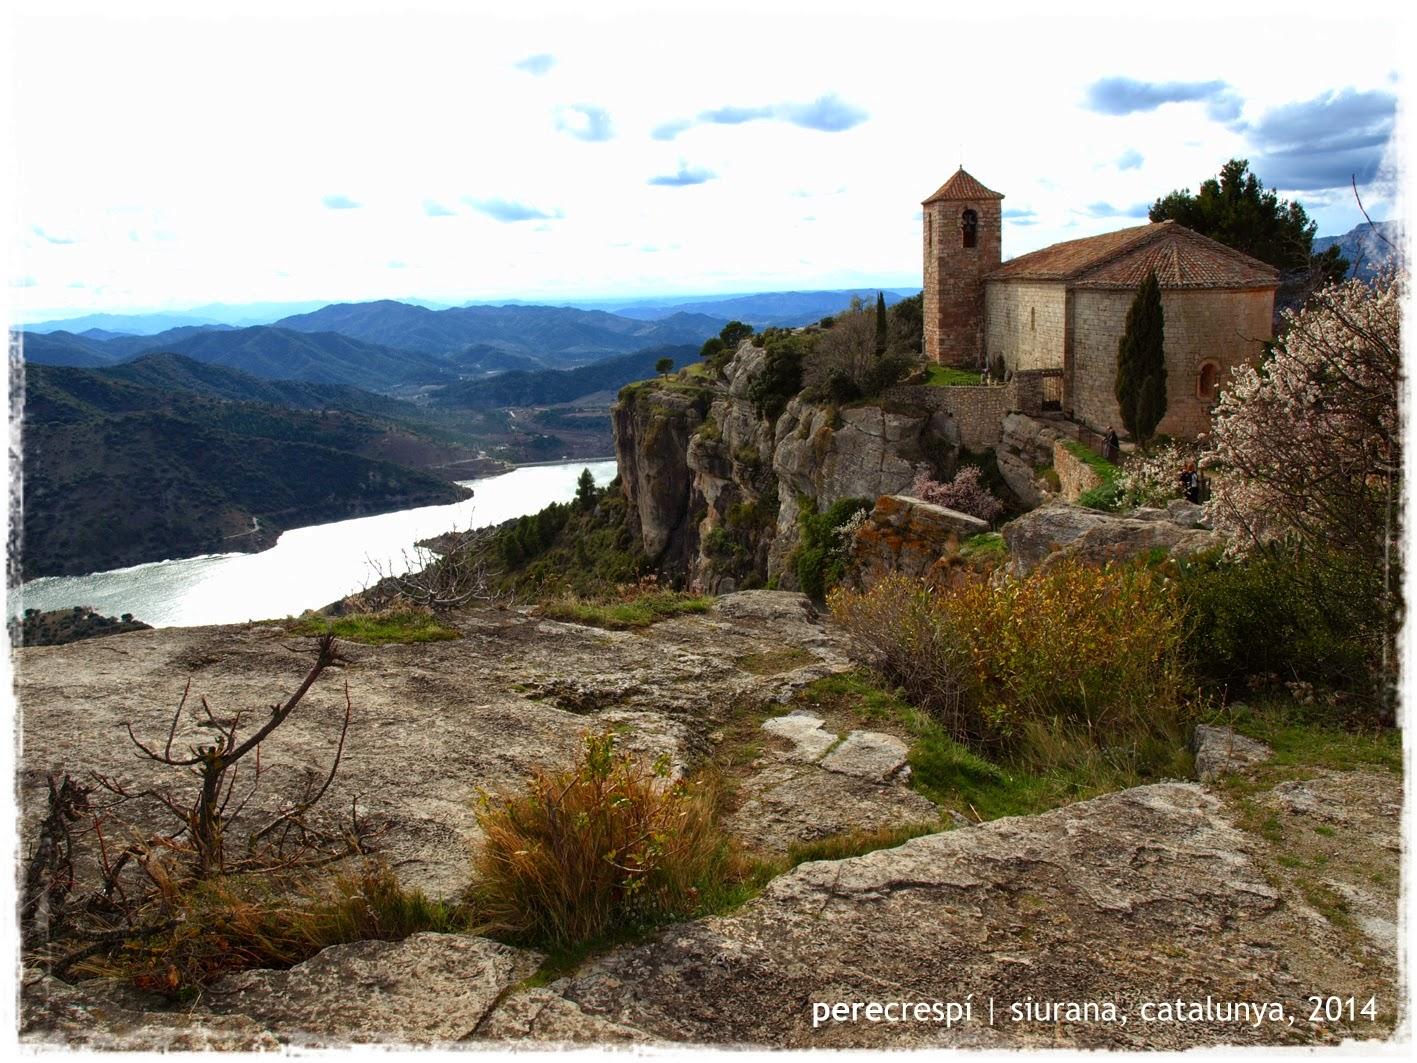 siurana, el darrer reducte sarraí de catalunya